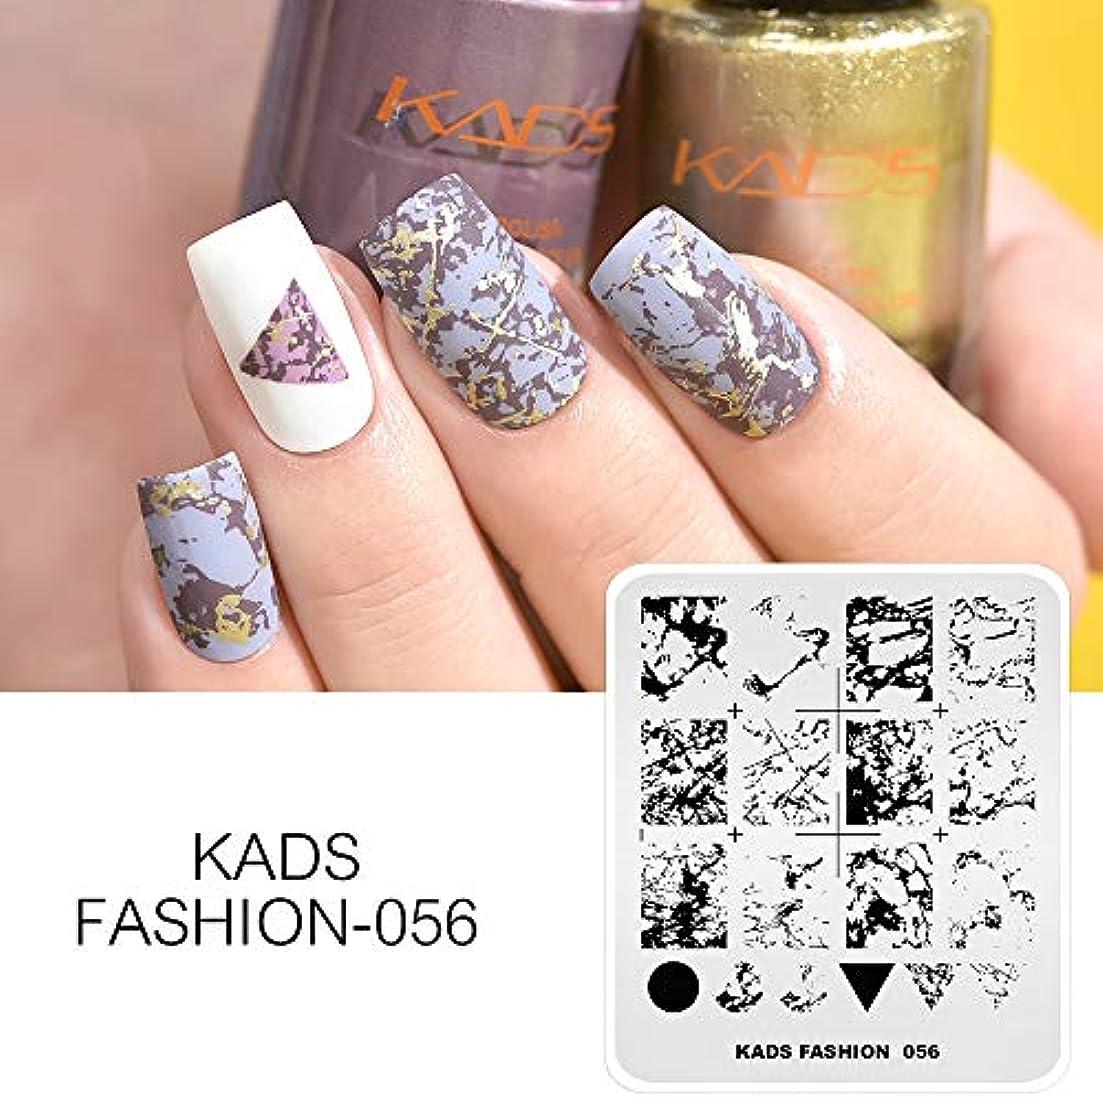 KADS ネイルプレート スタンププレート ファッションスタイル 不規則図案 マニキュア道具 ネイルイメージプレート ネイルアートツール (FA056)